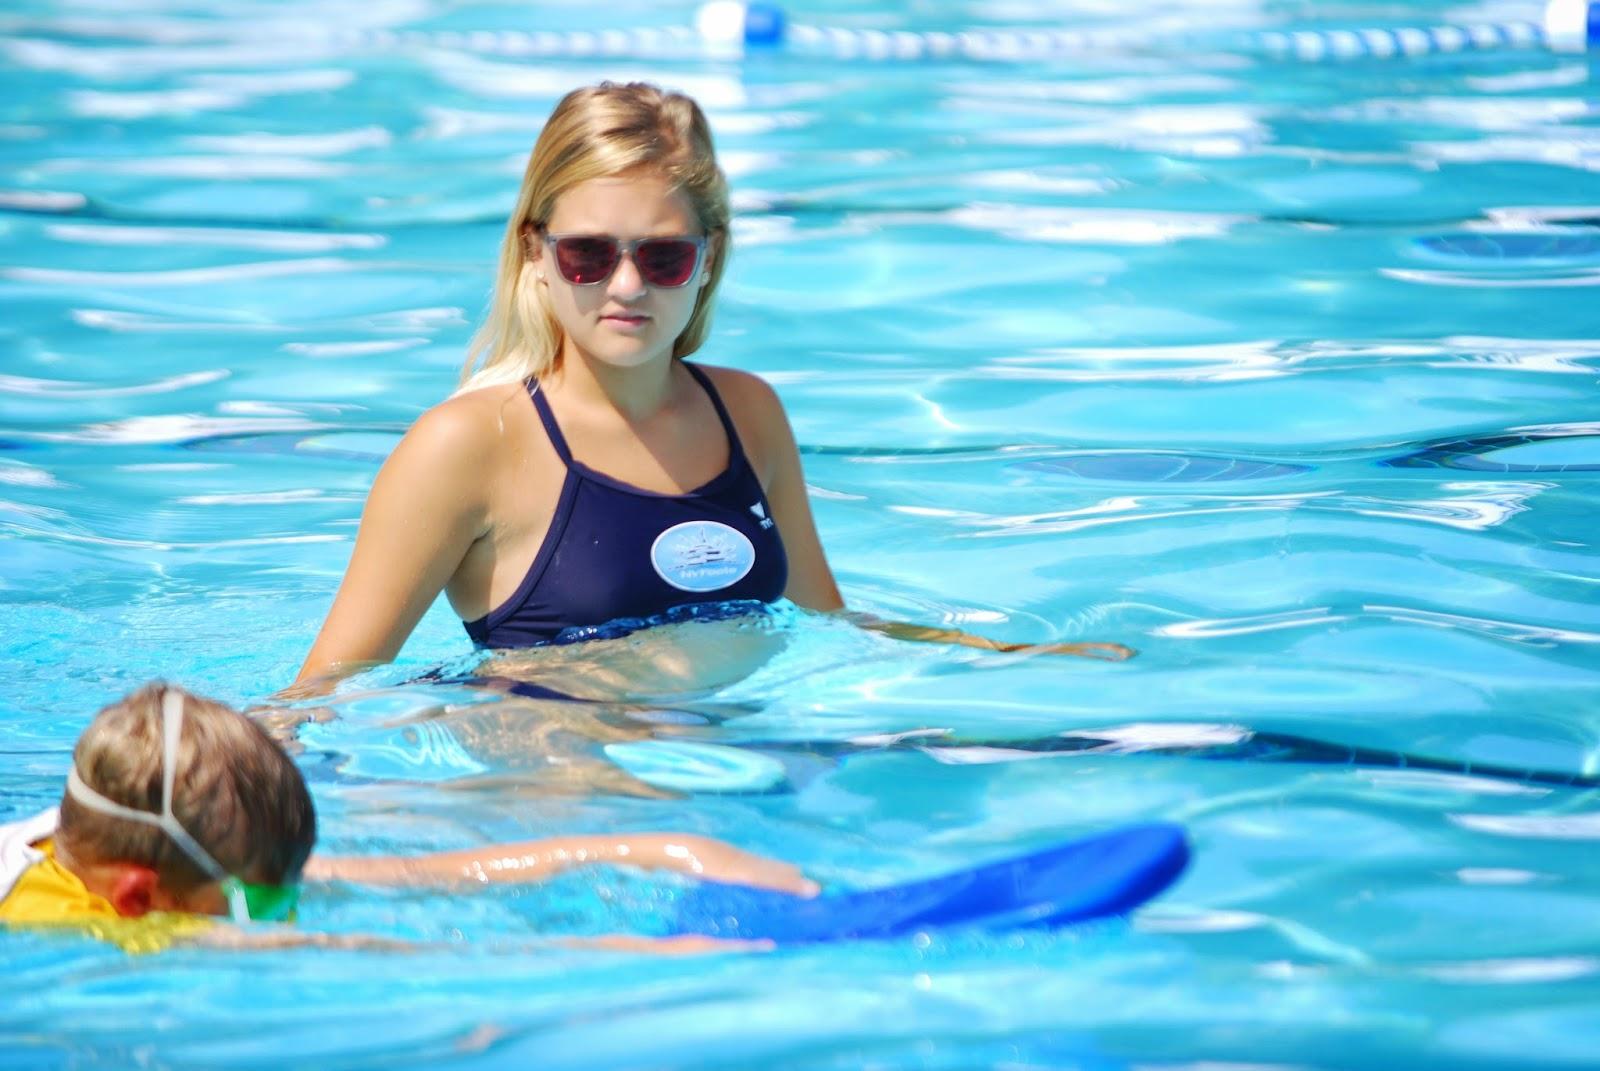 Yüzmek Zayıflatır mı Yüzerek Zayıflama Teknikleri